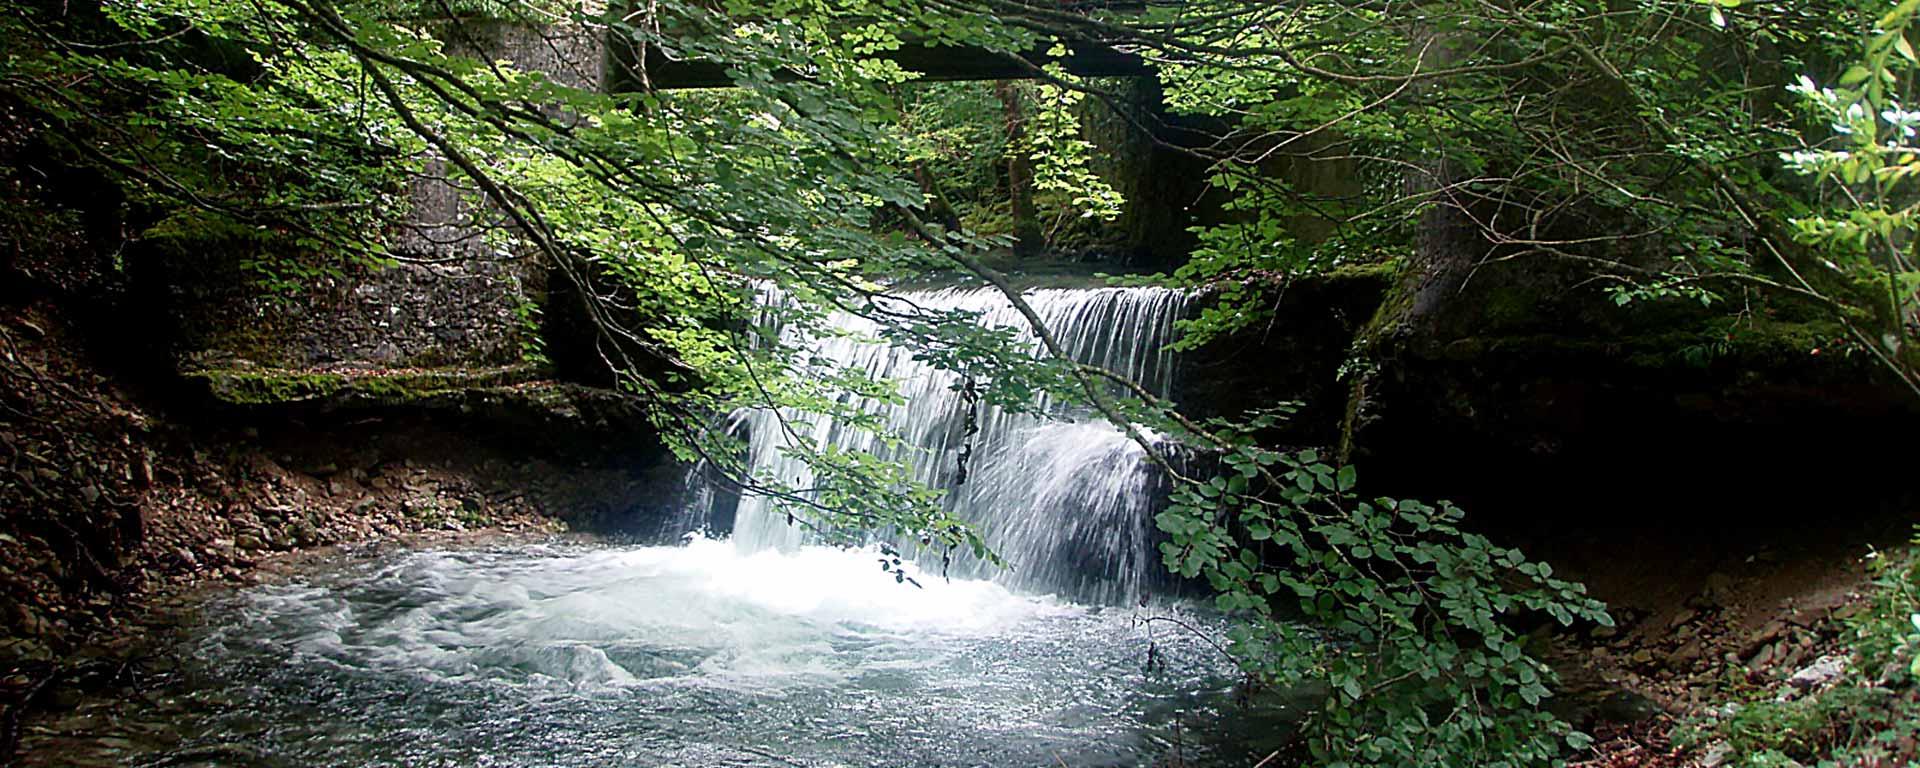 Cascade de la Vèbre, rivière prenant sa source au pied des Trois Becs.